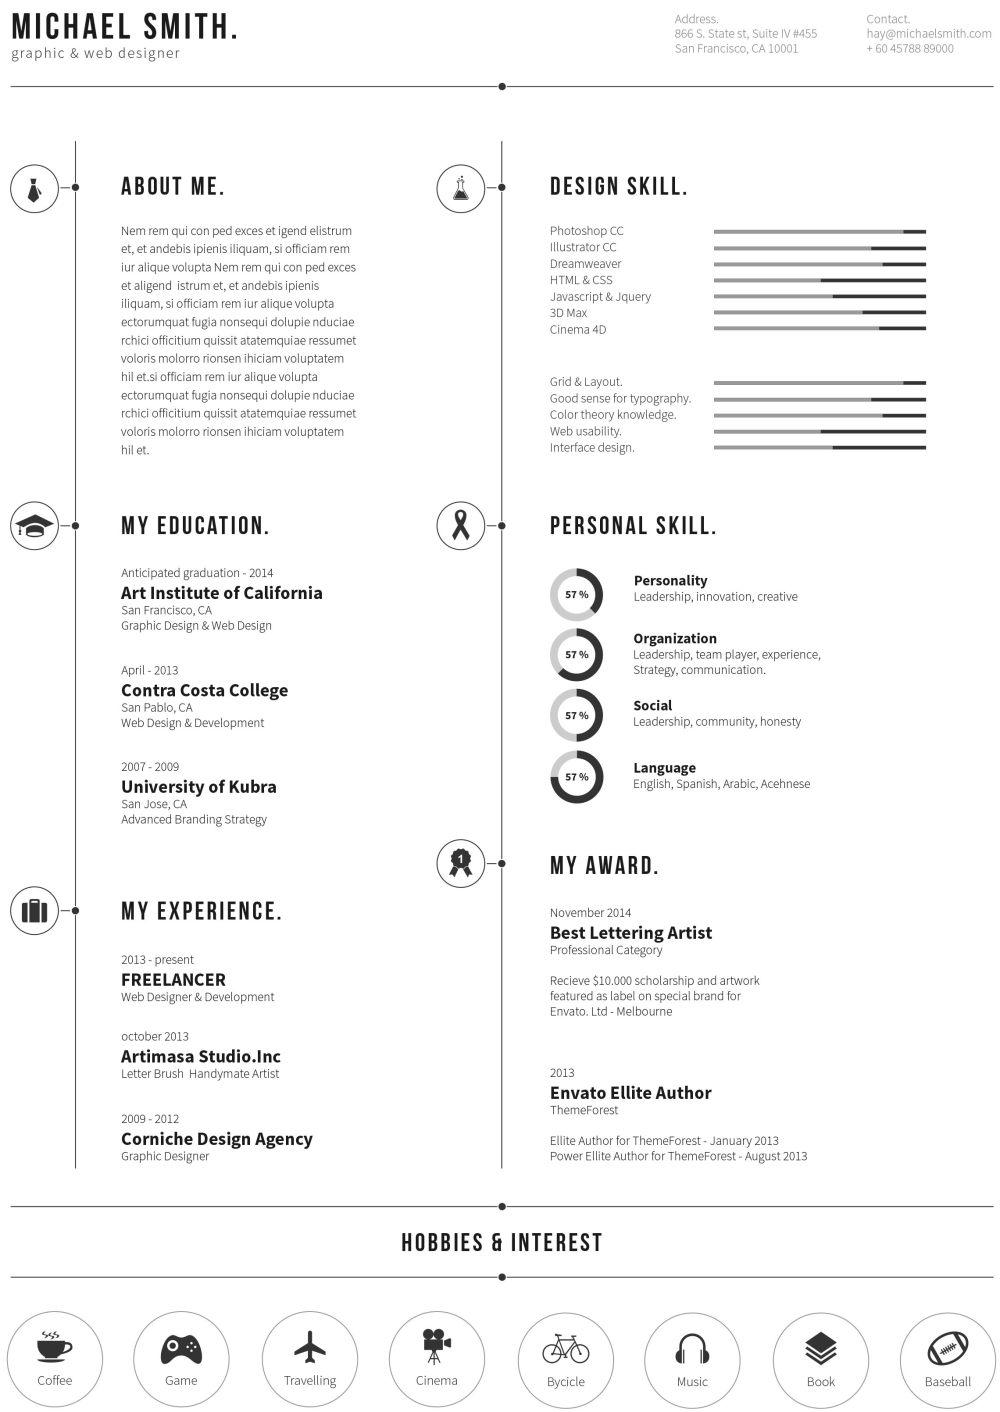 平面或网站设计师个人简历ai模板个人简历psd模板